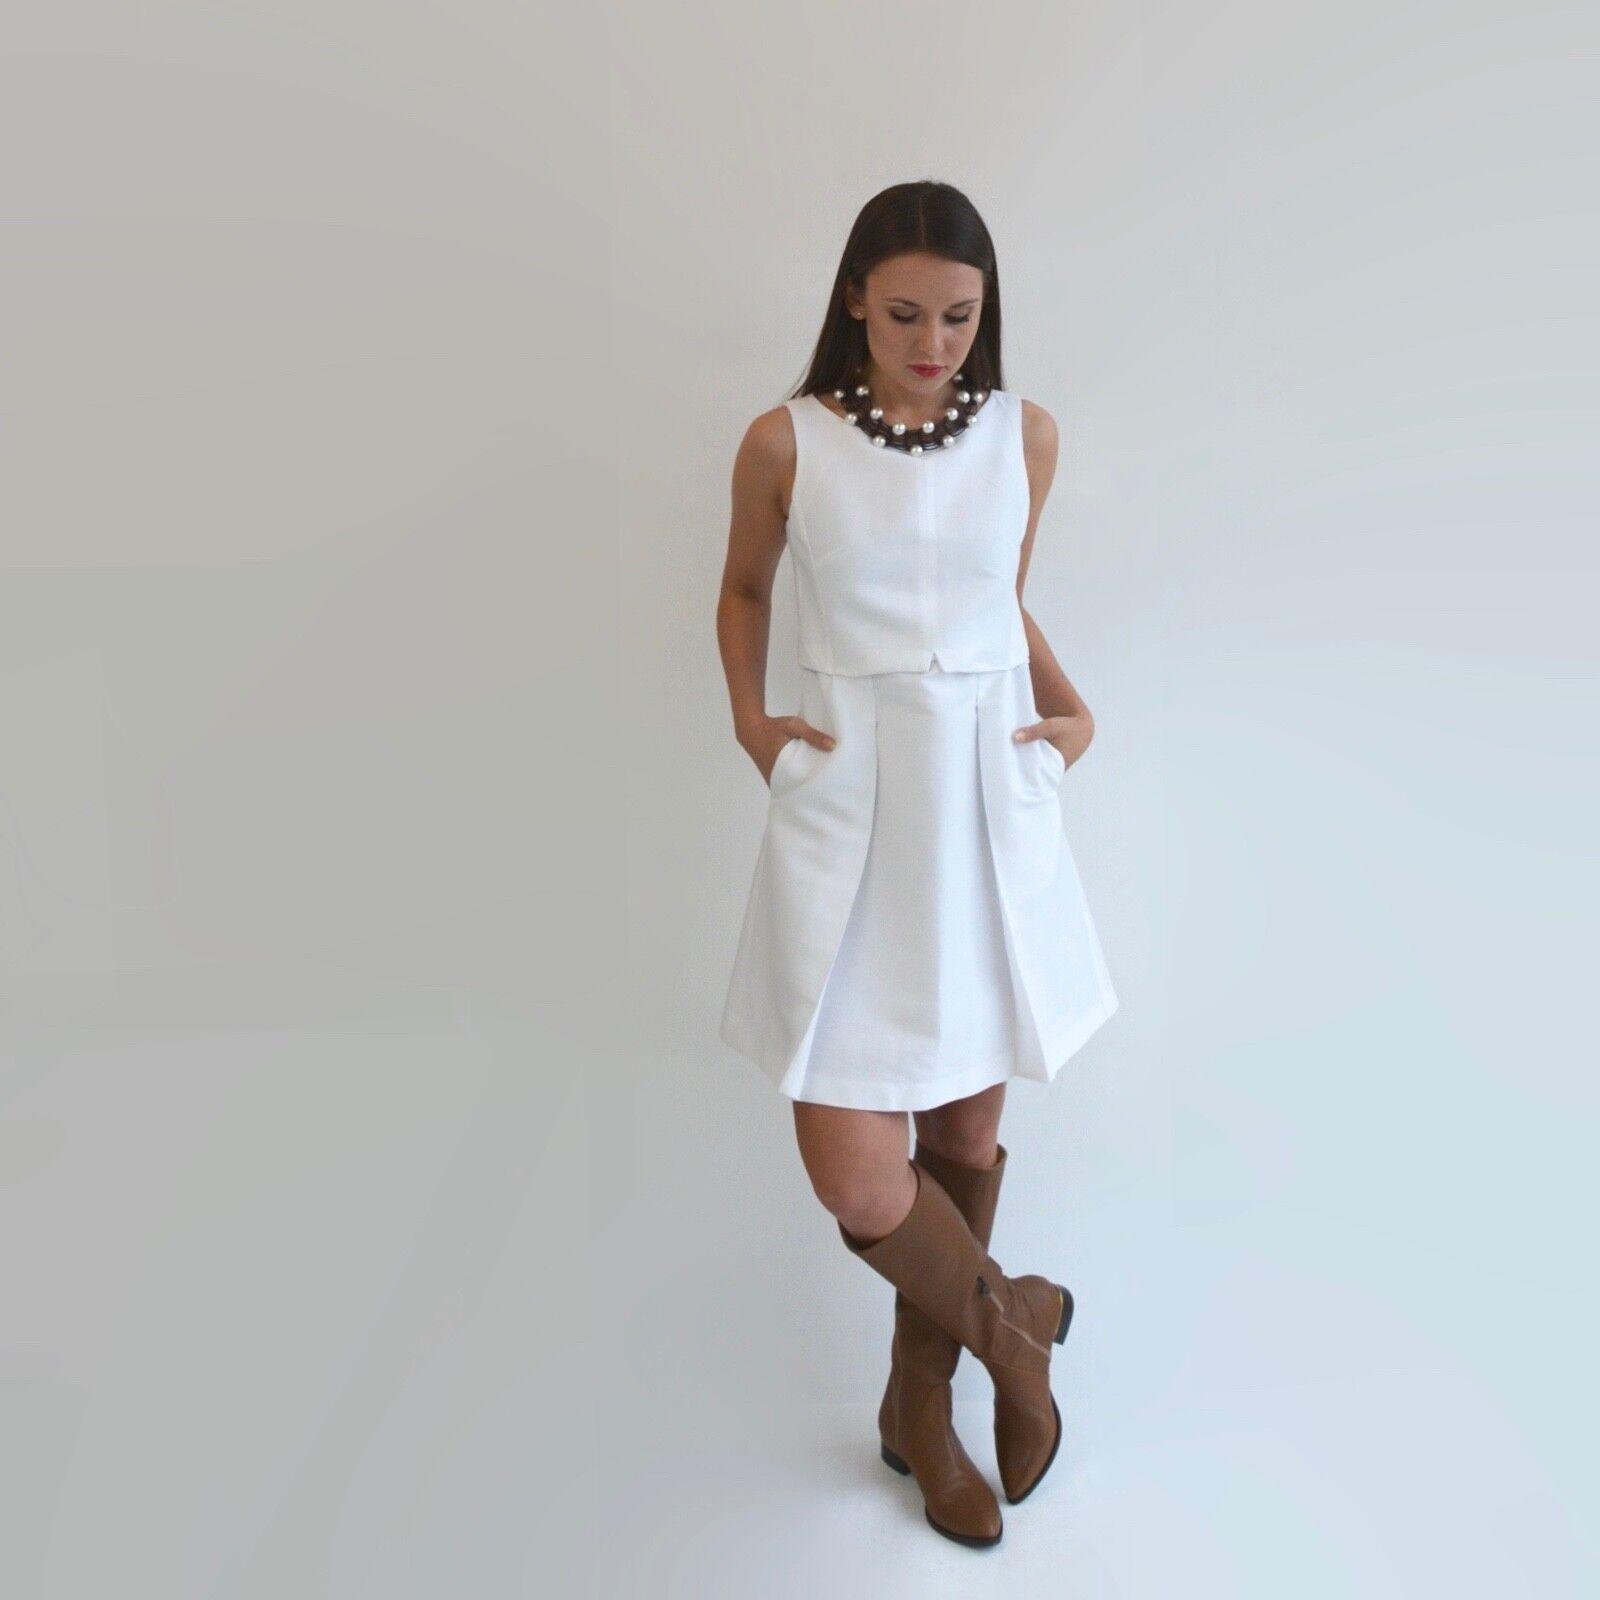 botas clásica de verdeccia & maingua cuero cuero cuero marrón claro NP 176,00 nuevo  oferta de tienda